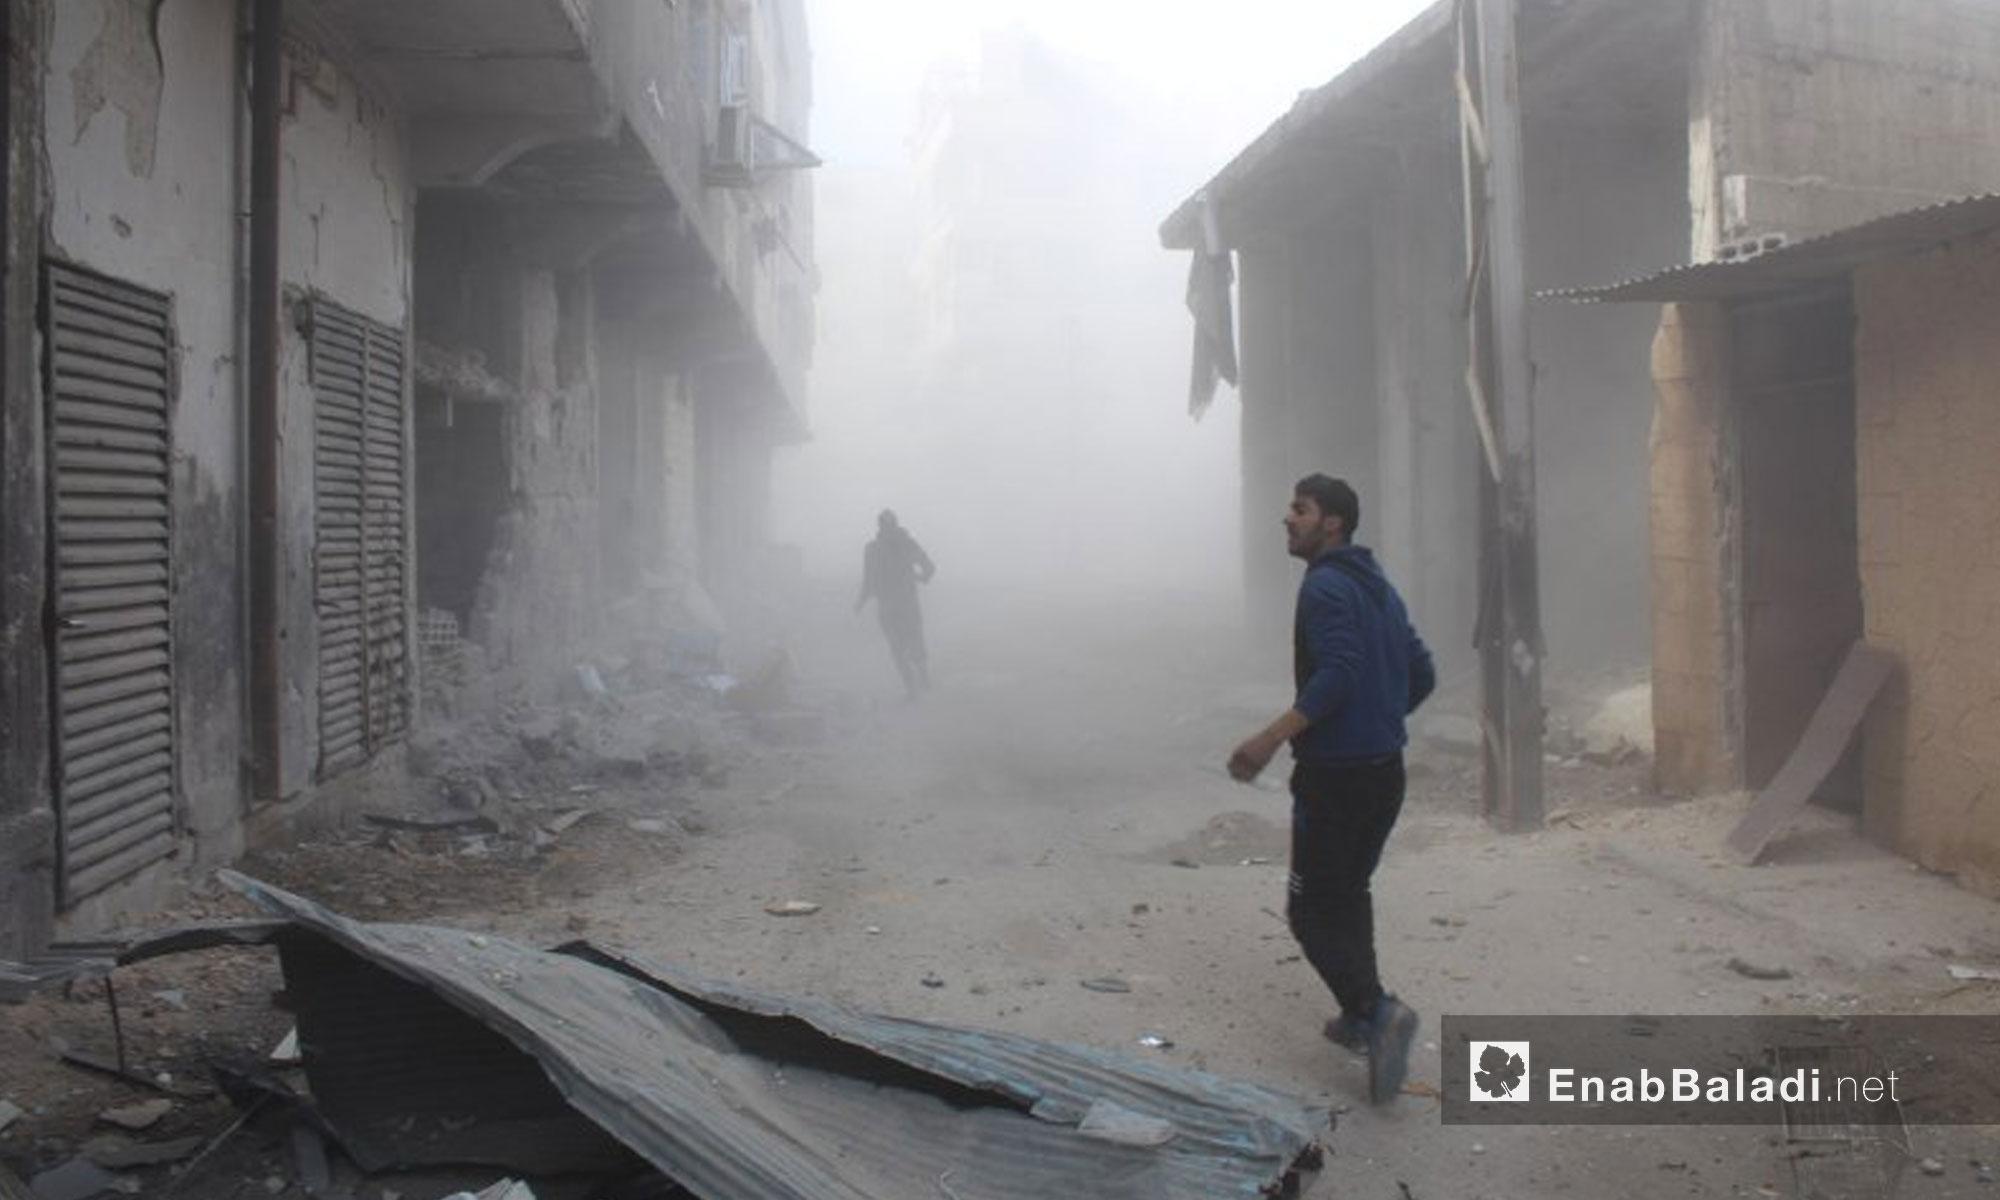 انقاذ المدنيين  من تحت الأنقاض نتيجة القصف على بلدة حمورية في الغوطة الشرقية - 7 شباط 2018 (عنب بلدي)